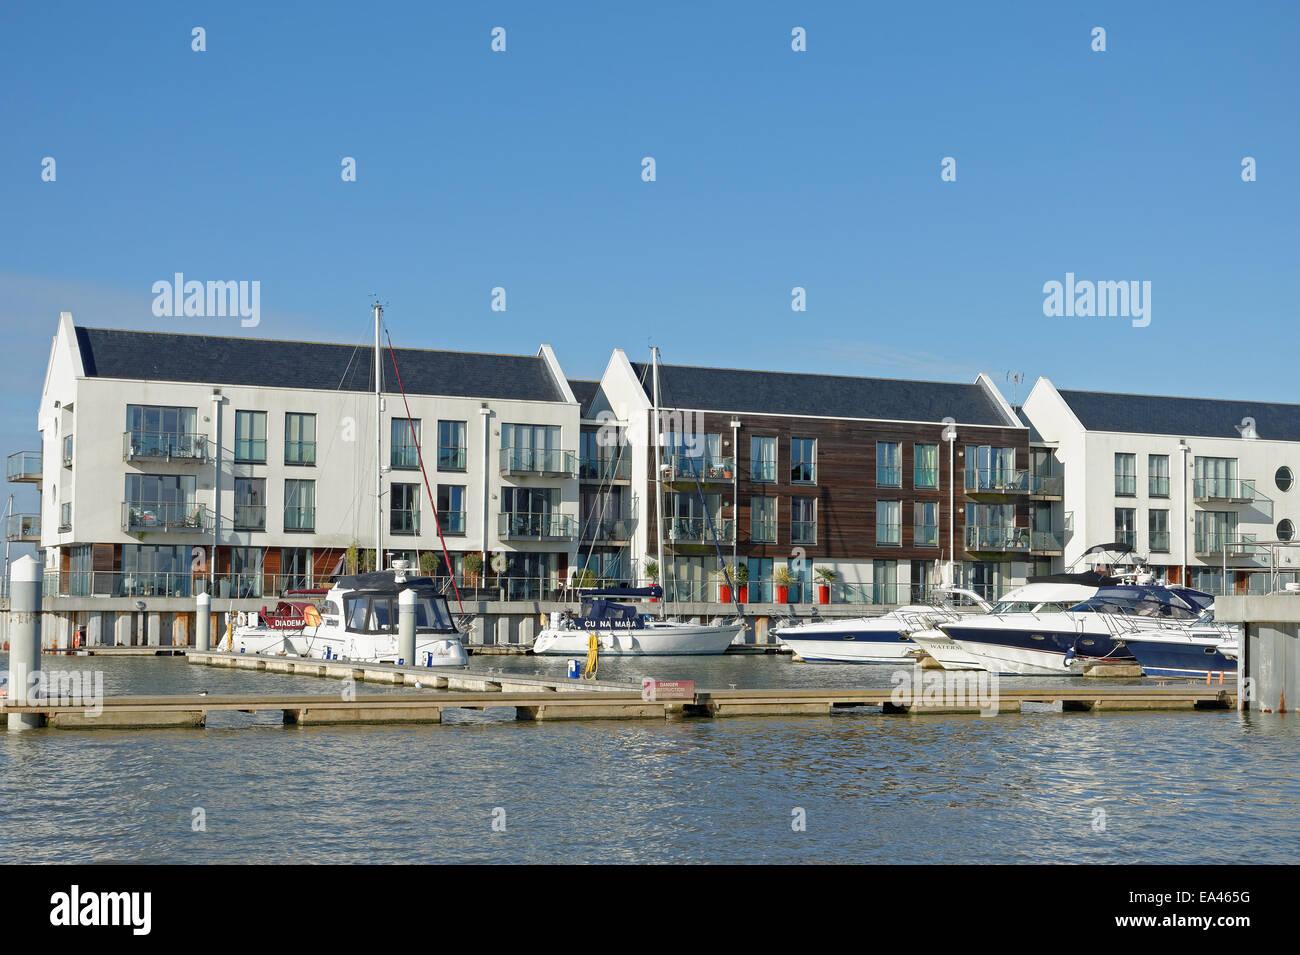 Waterside luxury apartments at Waterside Marina, Brightlingsea,Essex,UK - Stock Image